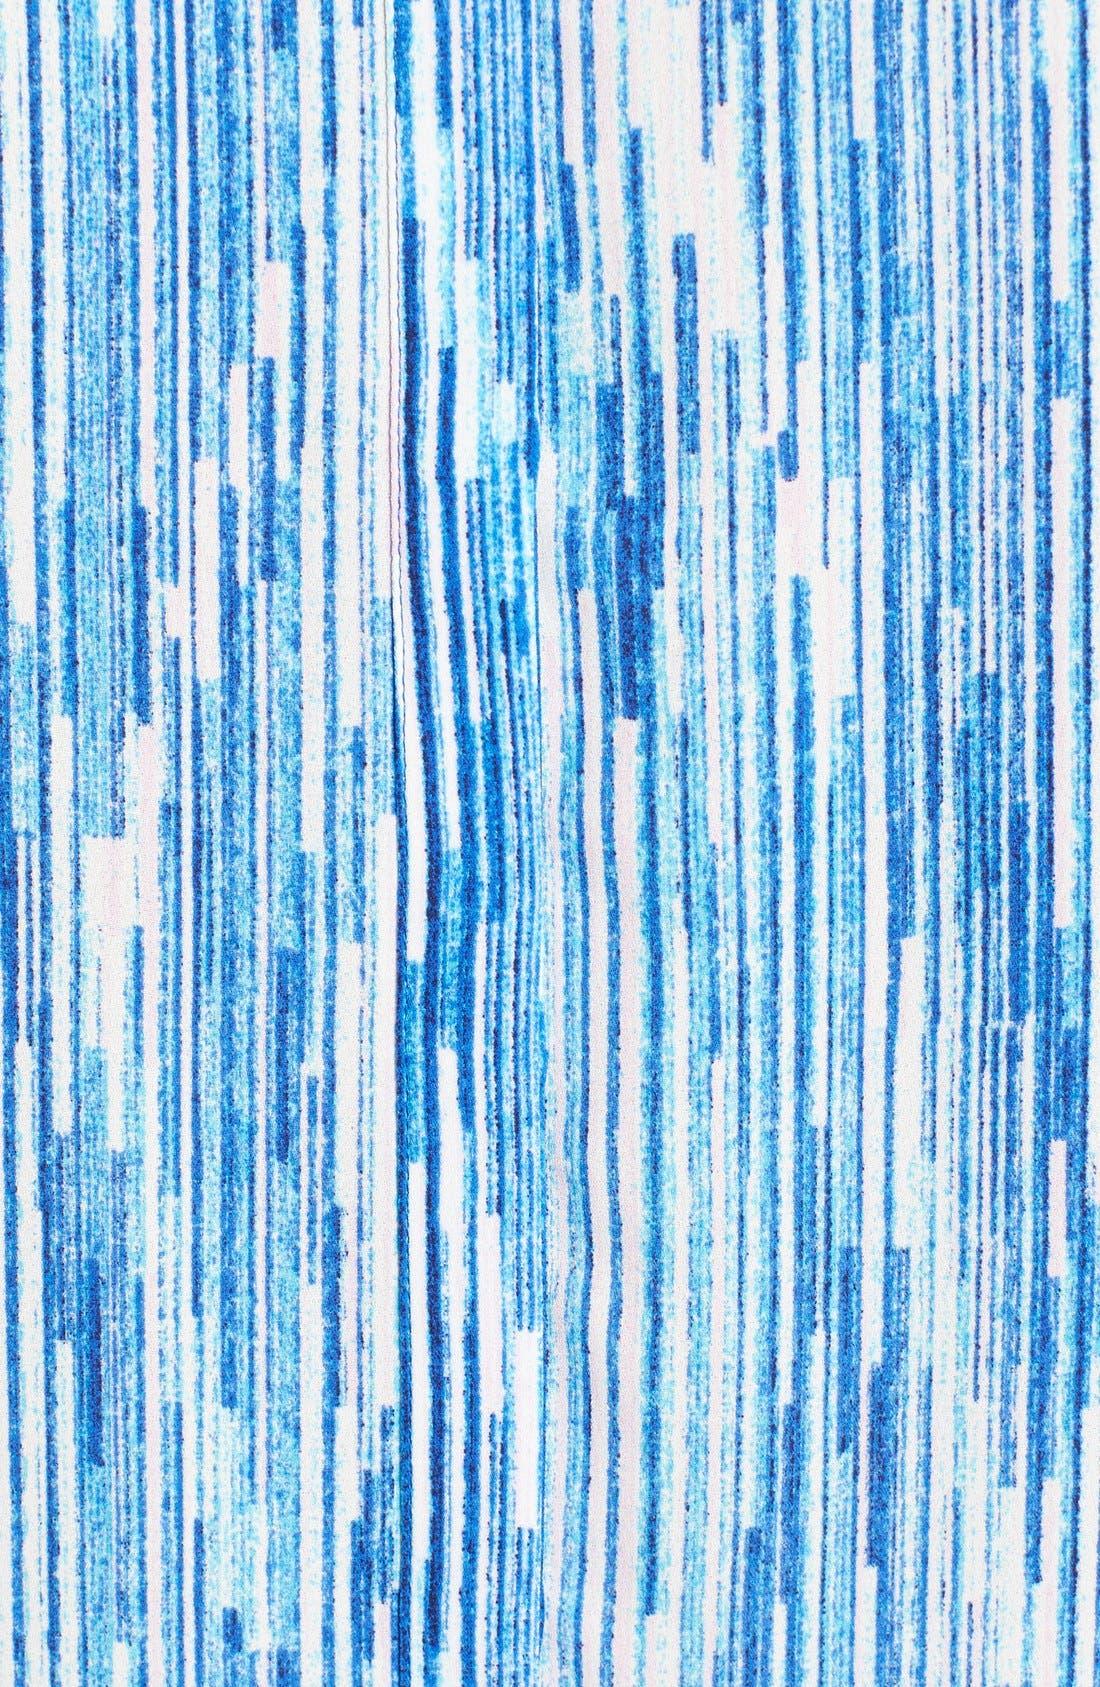 Pleat Back Sleeveless Split Neck Blouse,                             Alternate thumbnail 162, color,